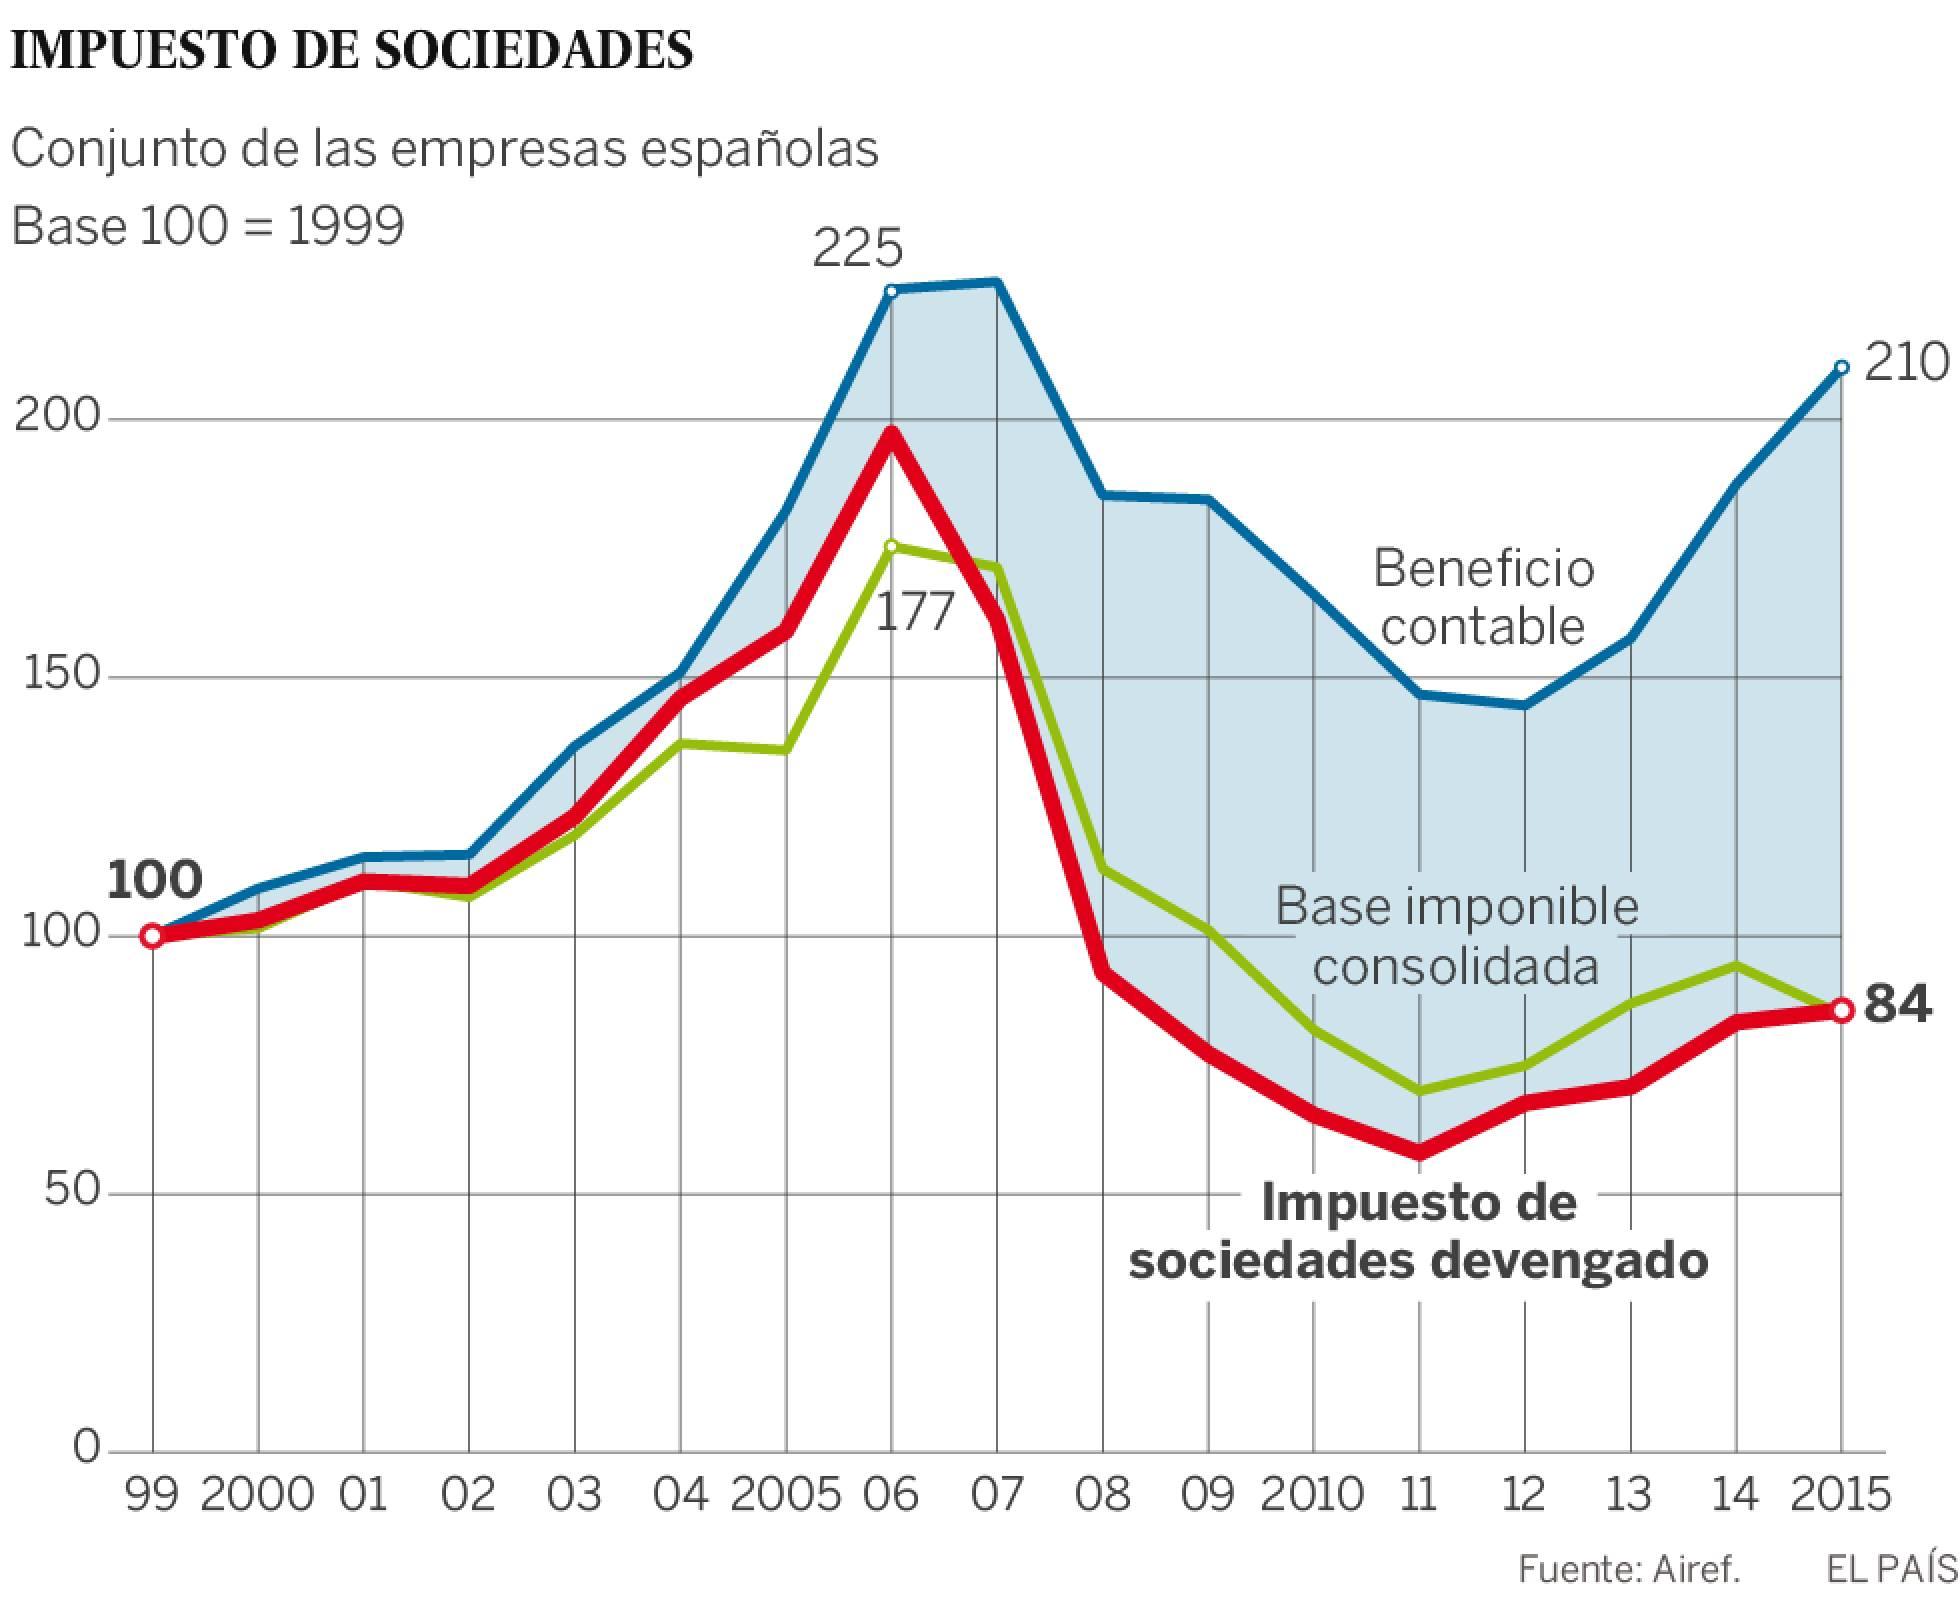 España: Impuestos de patrimonio, renta y sociedades. Presión clasista del capital. - Página 2 1470859513_230588_1470861338_sumario_normal_recorte1